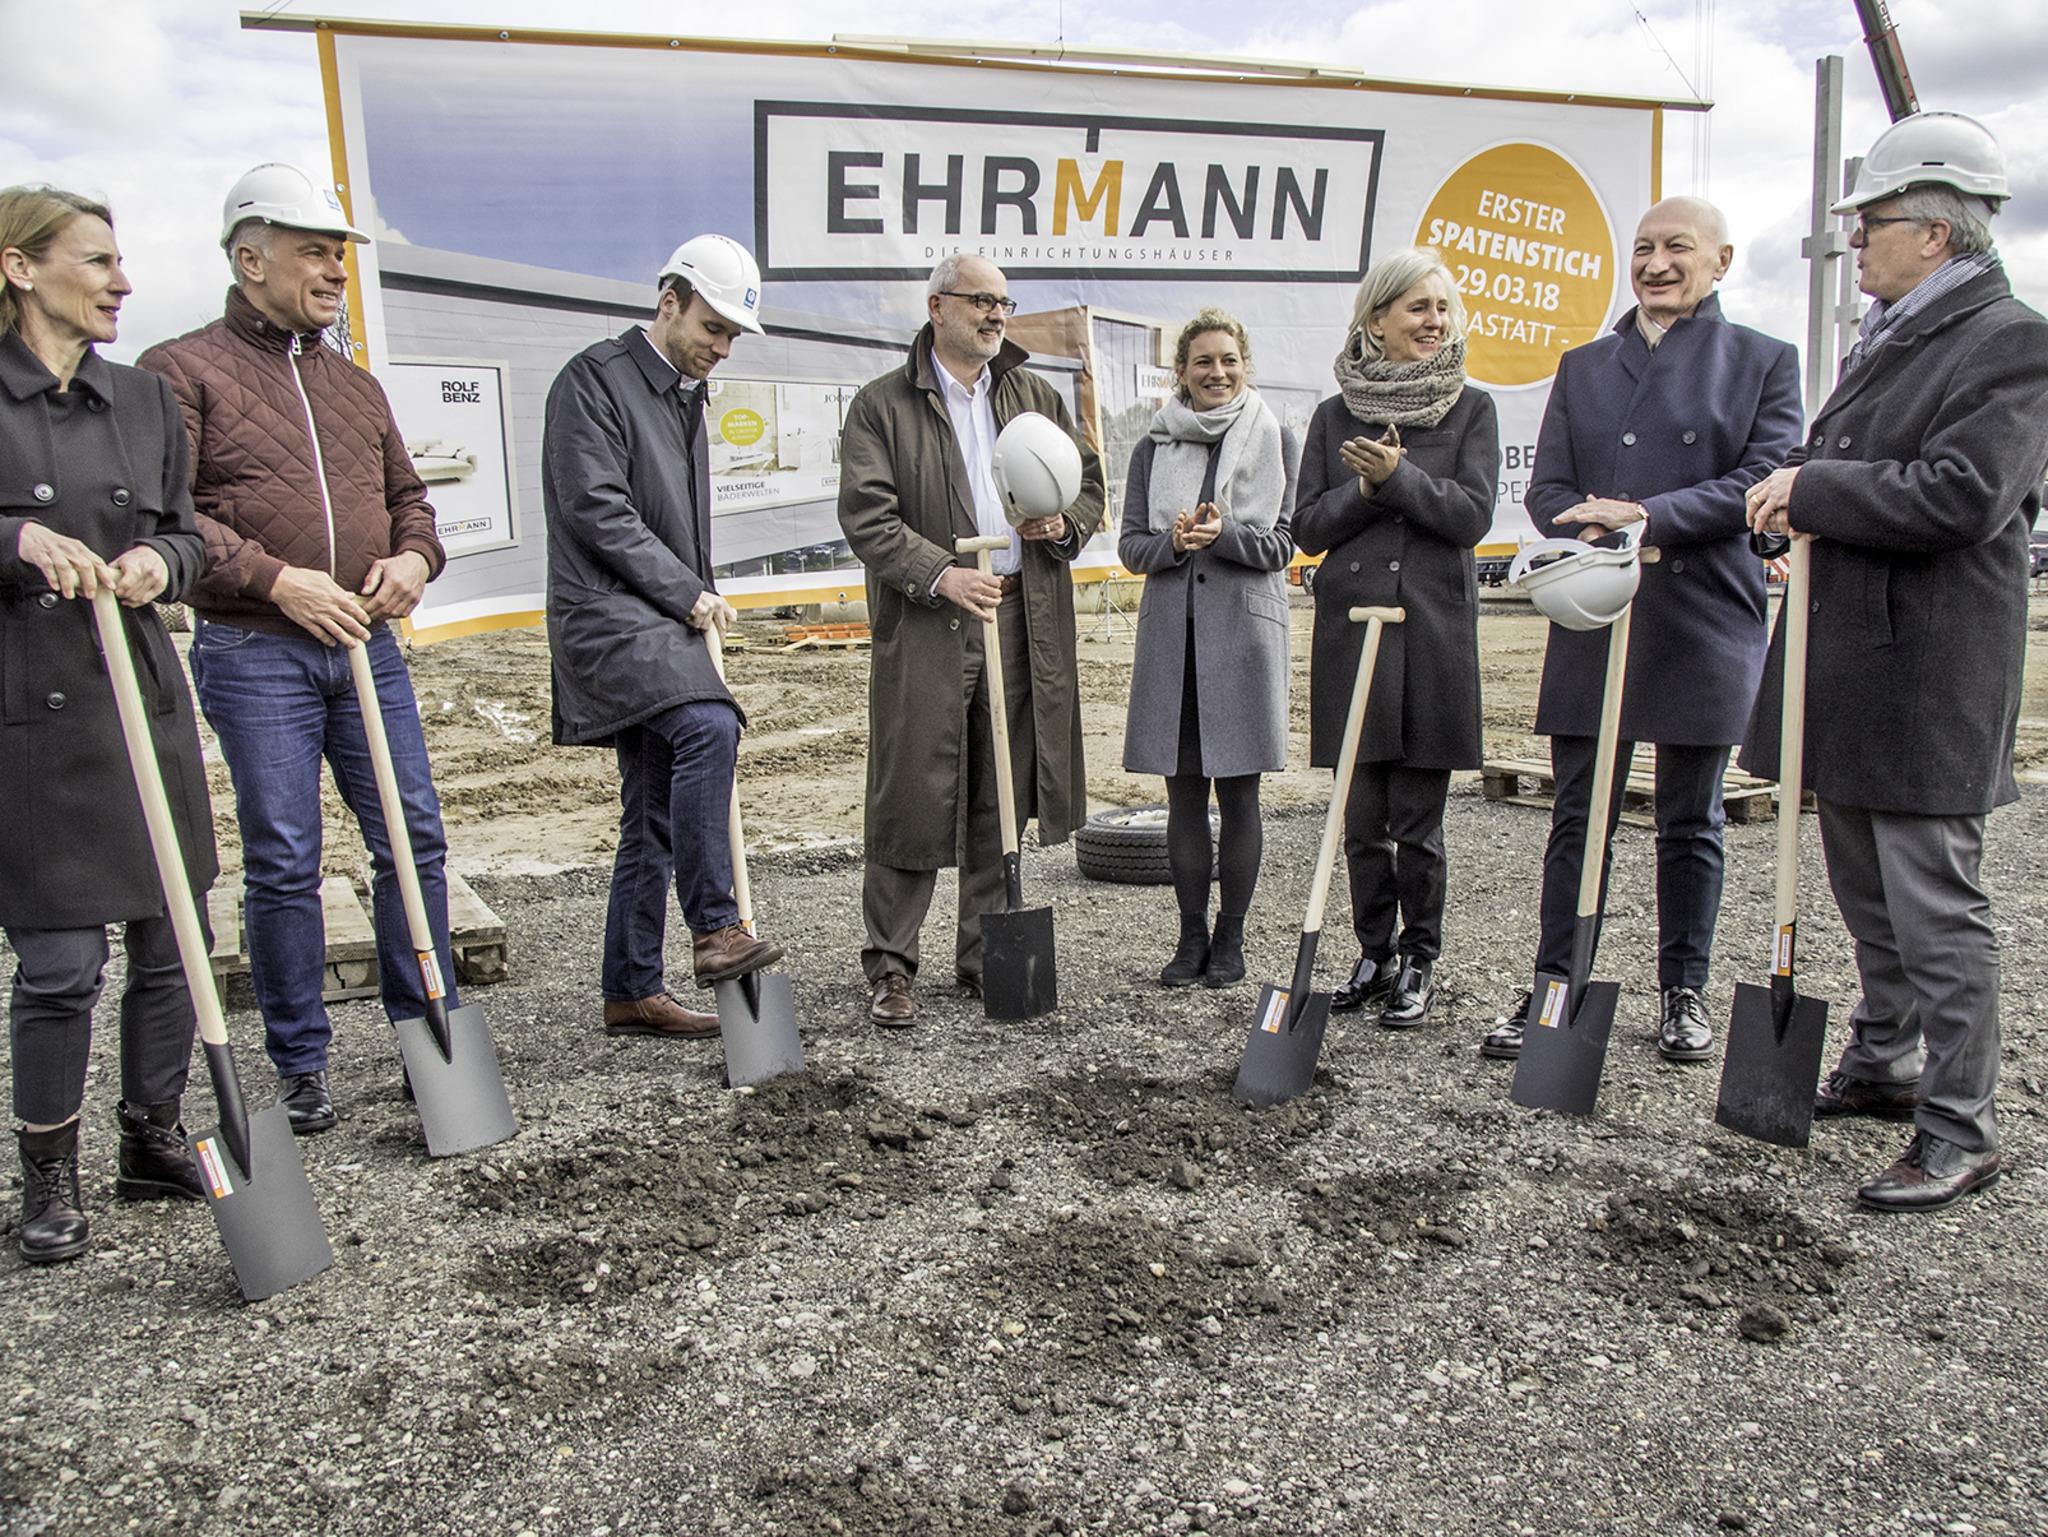 Landauer Einrichtungshaus Expandiert Weiter Möbel Ehrmann Kommt